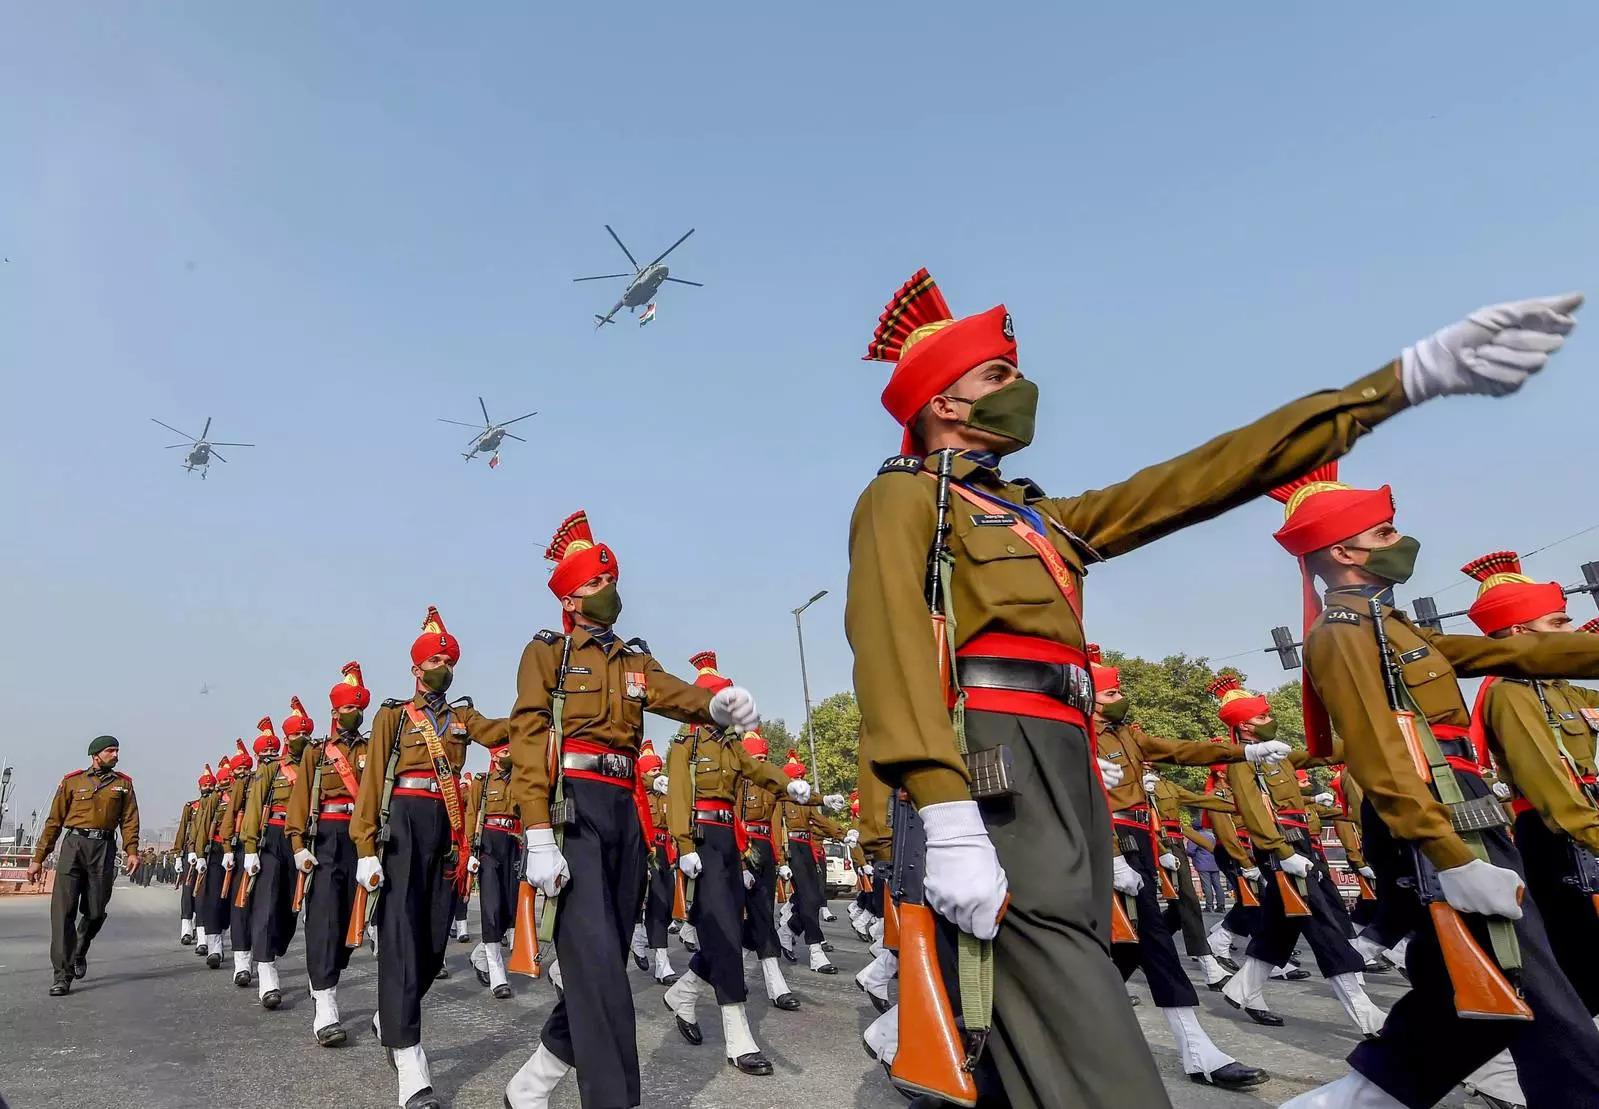 नई दिल्ली में गणतंत्र दिवस परेड 2021 के लिए पूर्वाभ्यास के दौरान भारतीय सेना की जाट रेजिमेंट।फोटो / कमल सिंह) (